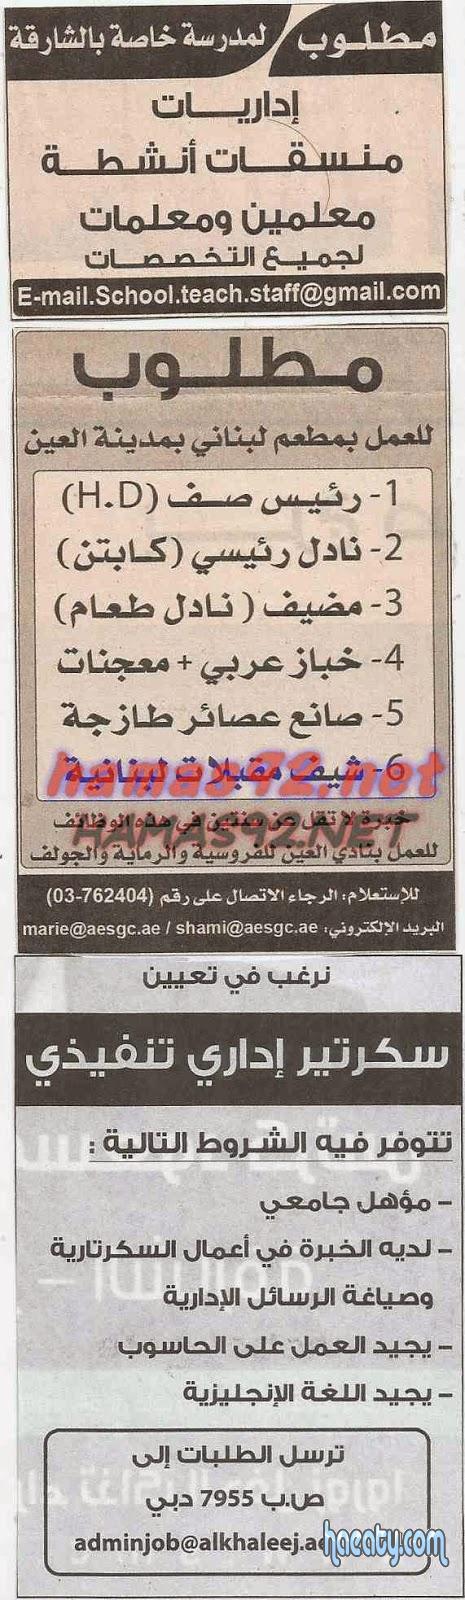 وظائف جريدة الاهرام اليوم الخميس 20/11/2014